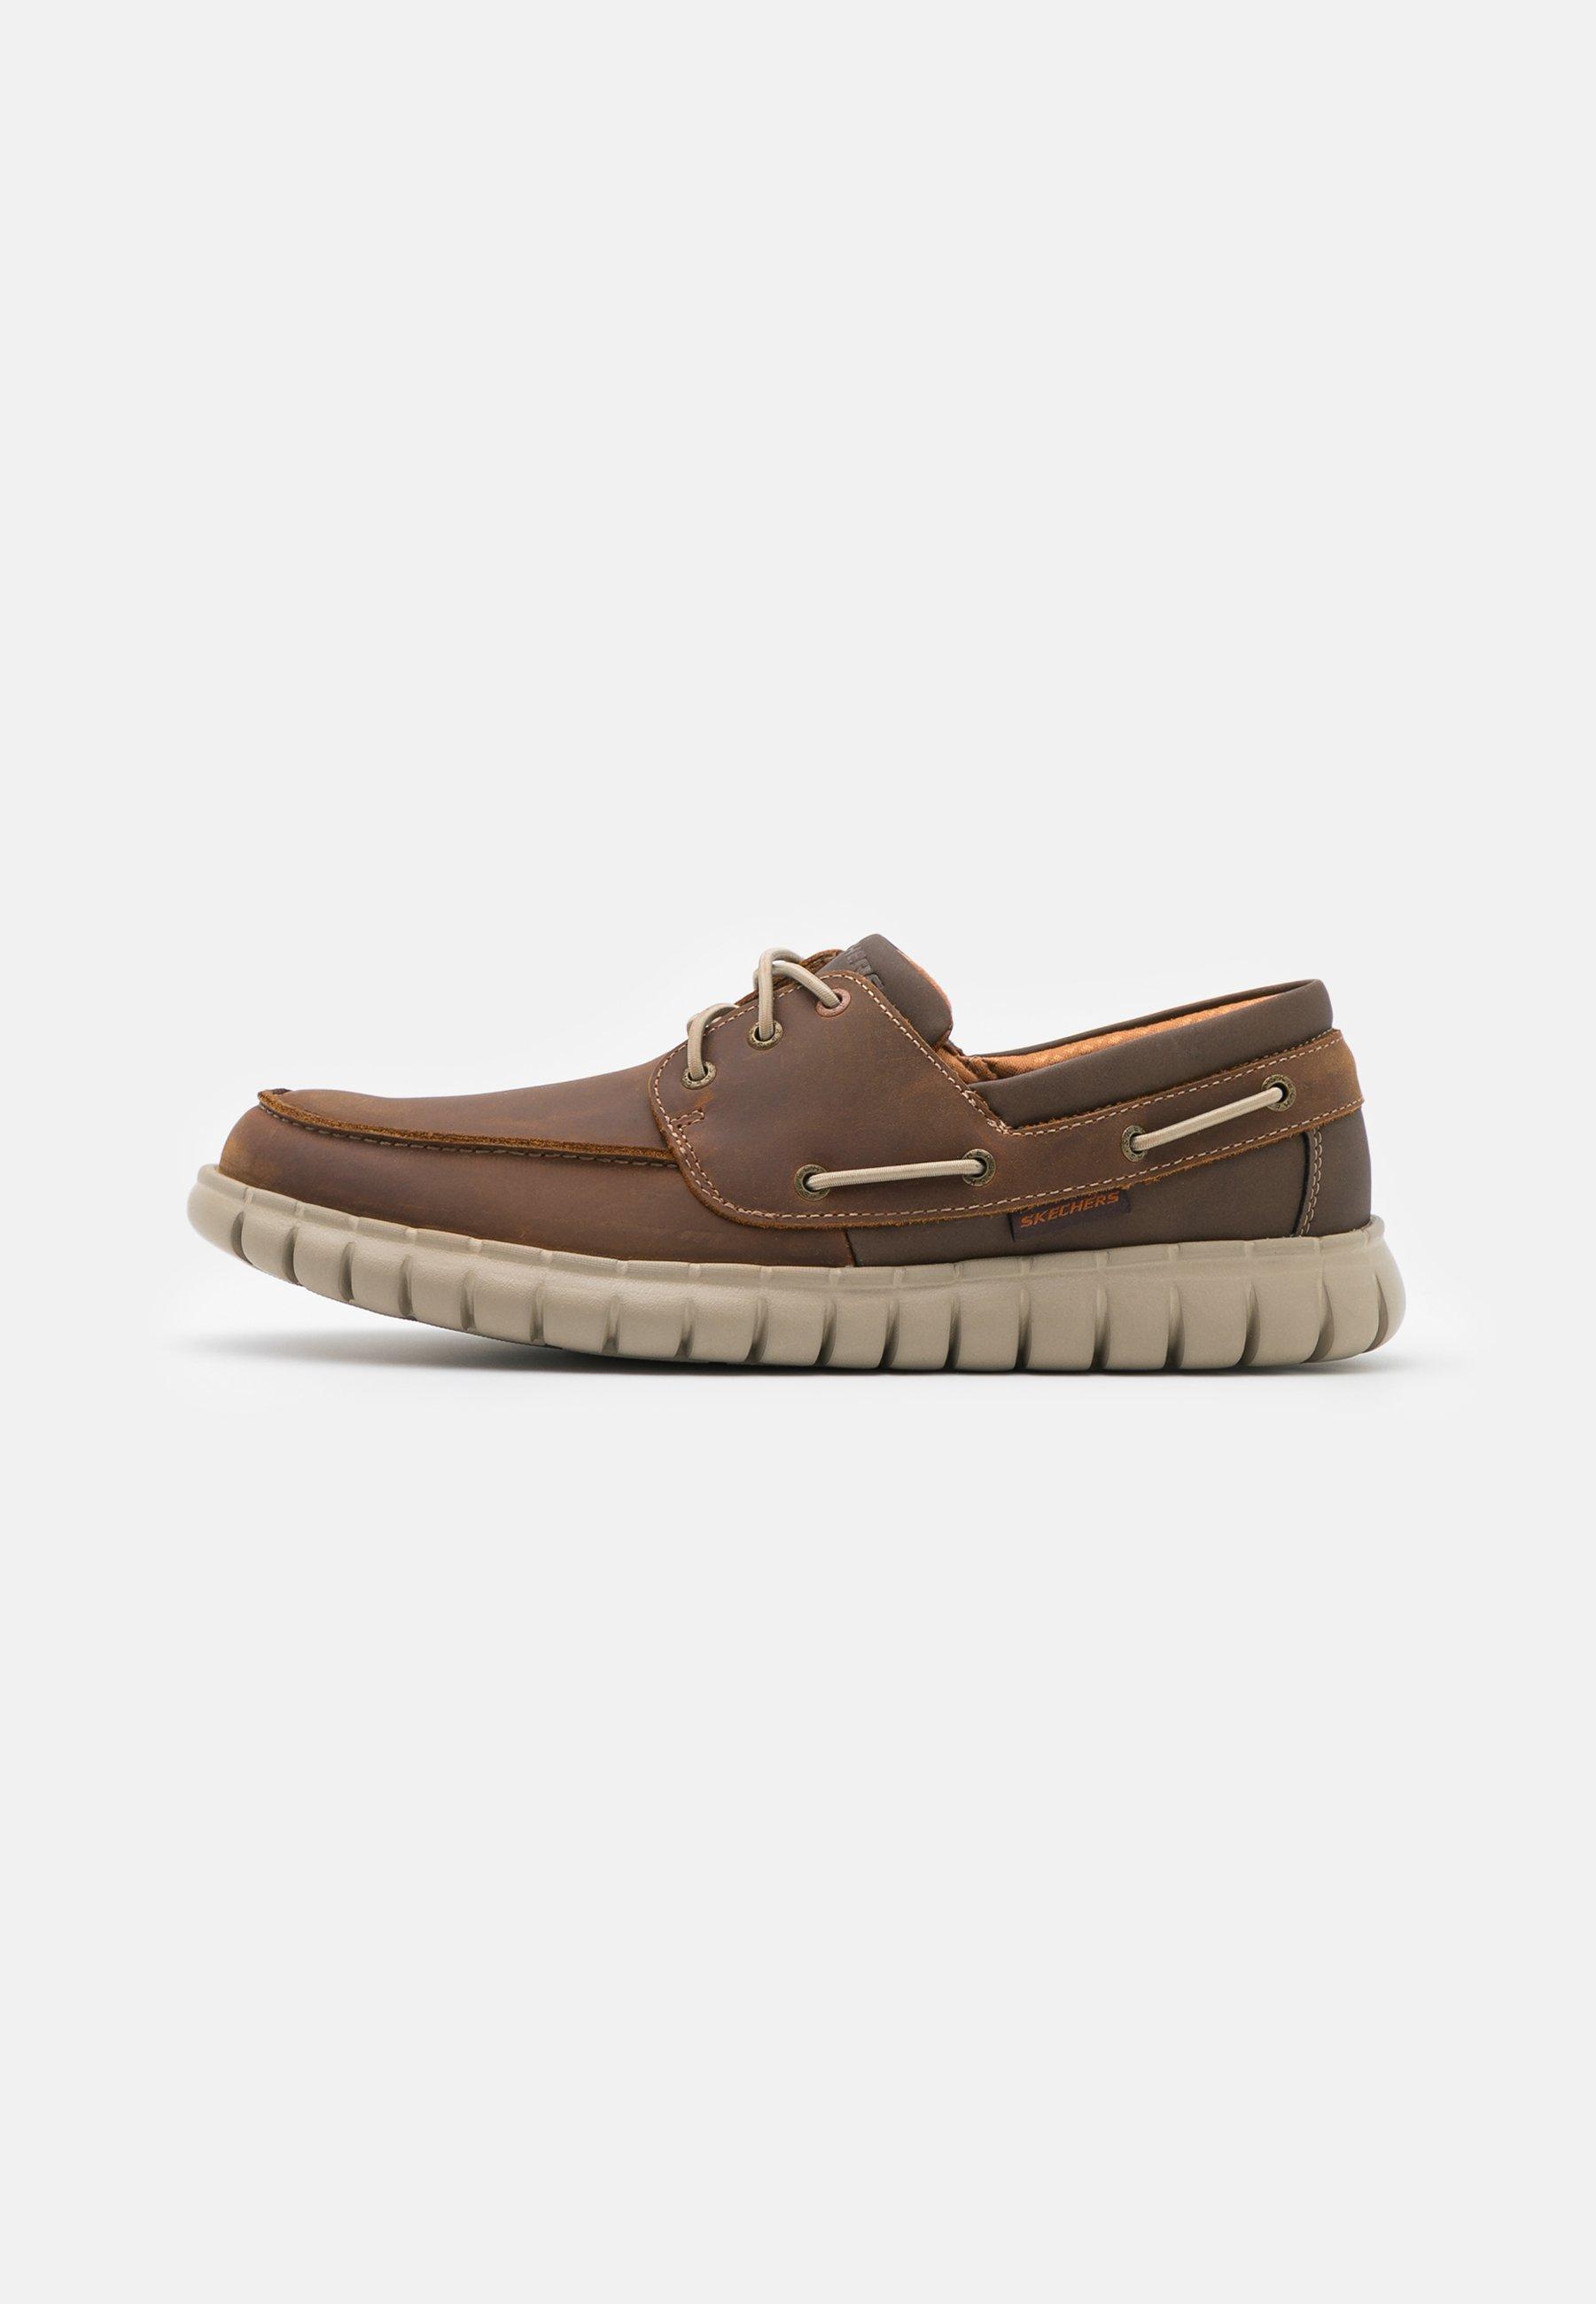 Homme MOREWAY WALKEN - Chaussures bateau